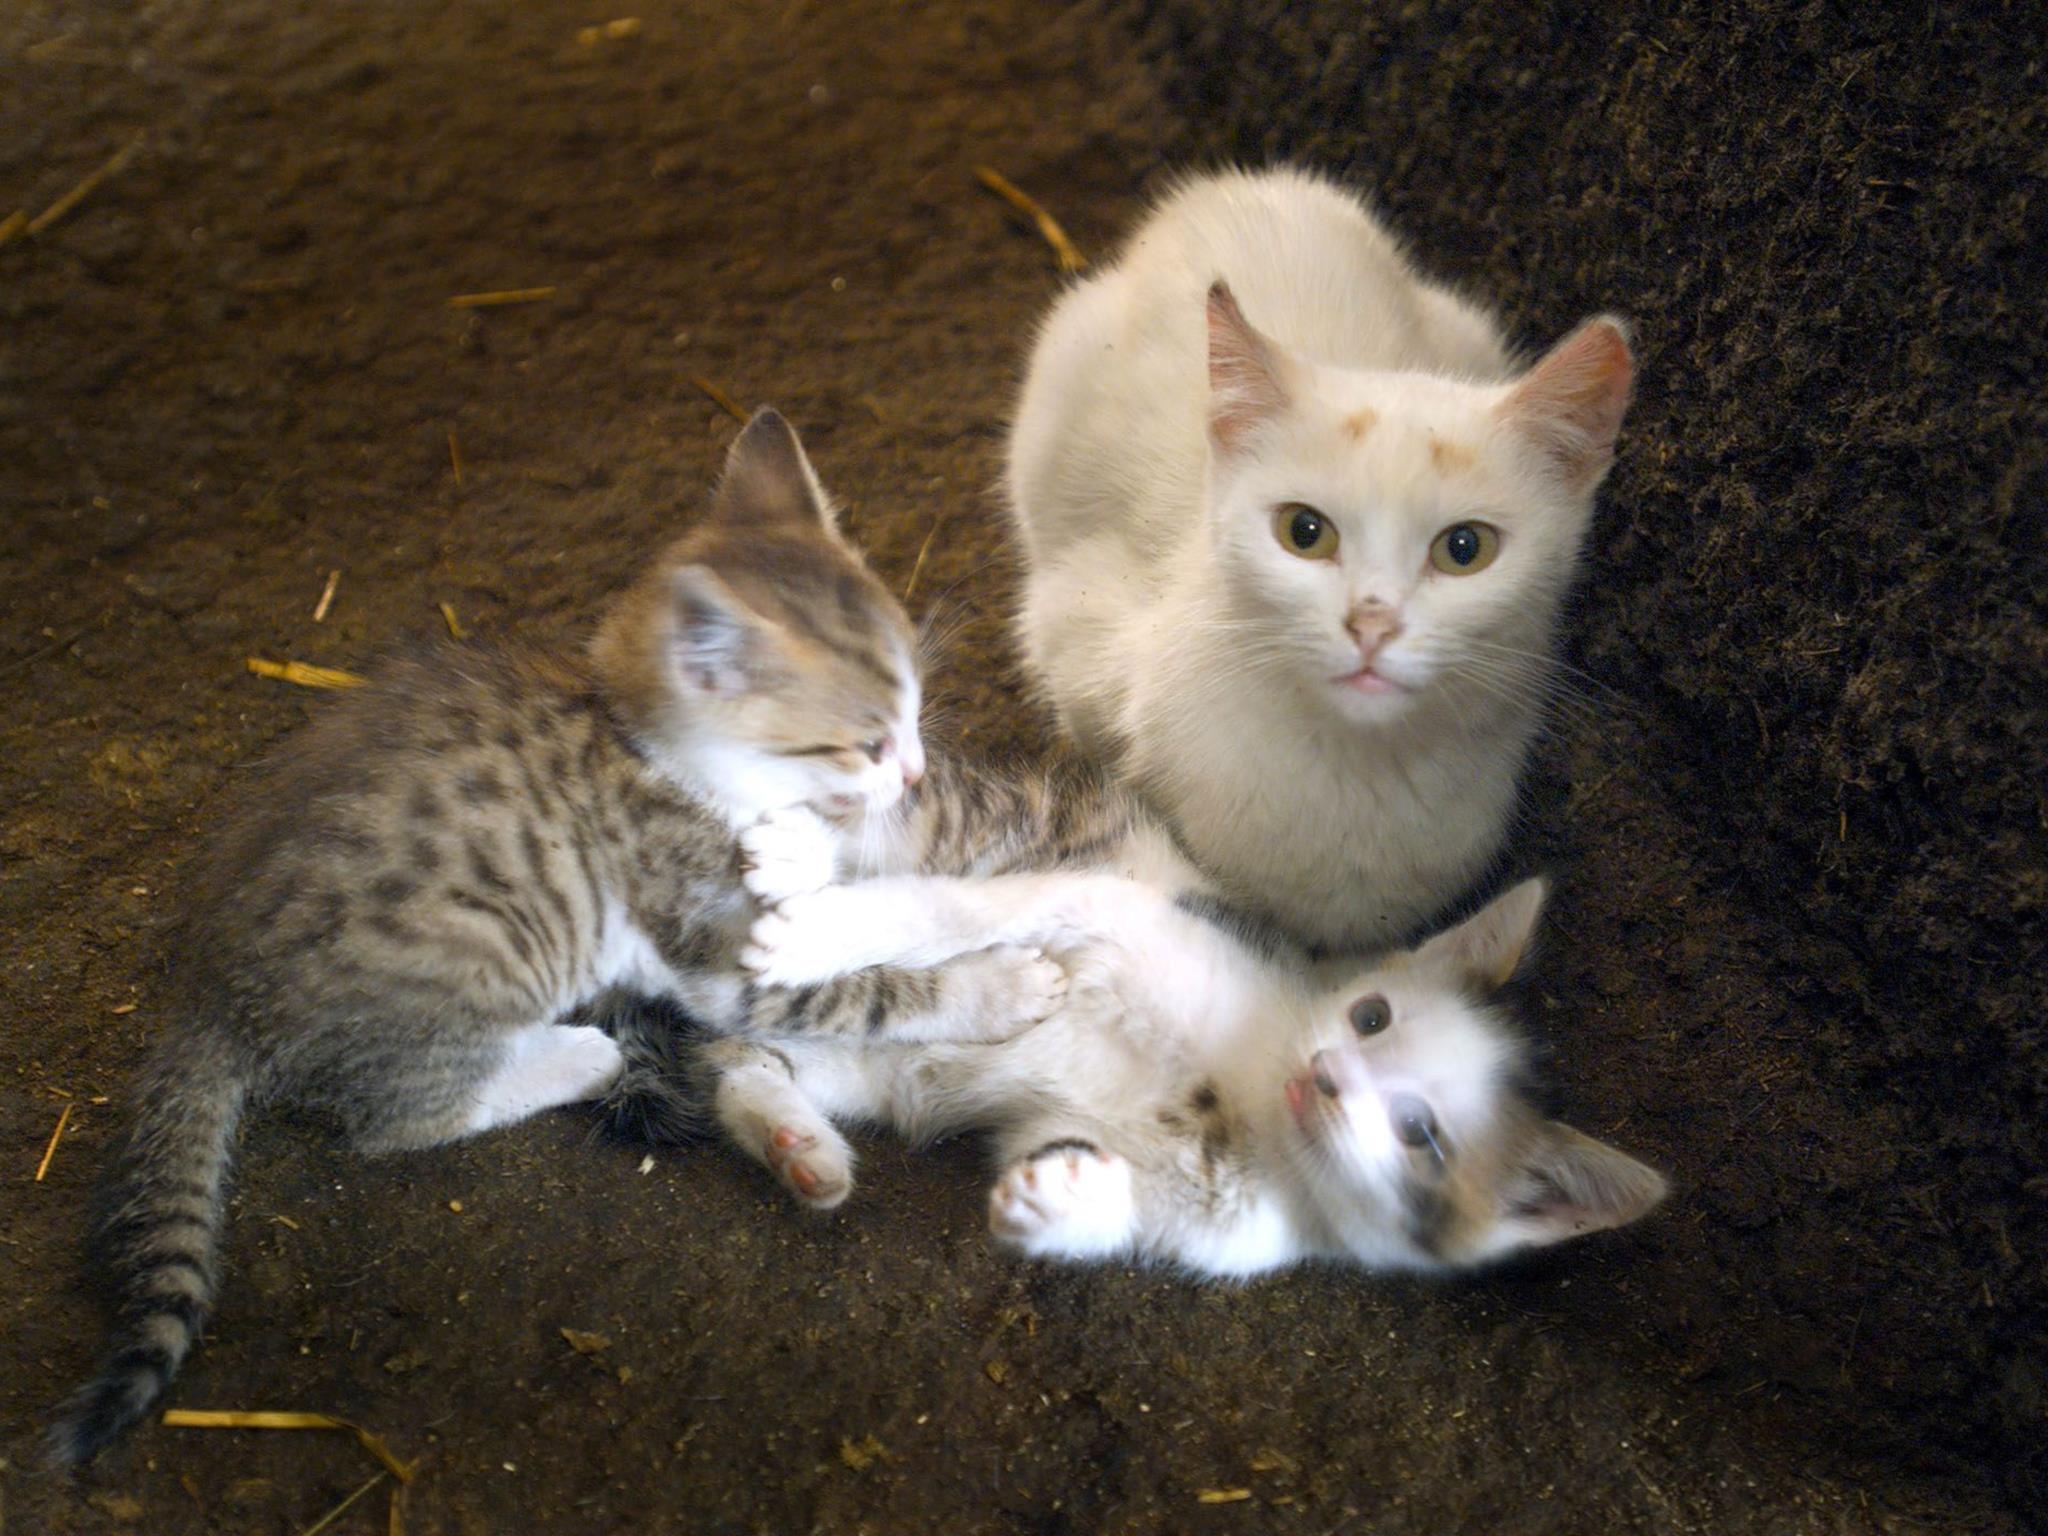 Nachdem im Südburgenland mehrere Katzen vermisst werden, bekam eine Tierärztin nun auch noch einen dubiosen Brief zugeschickt.